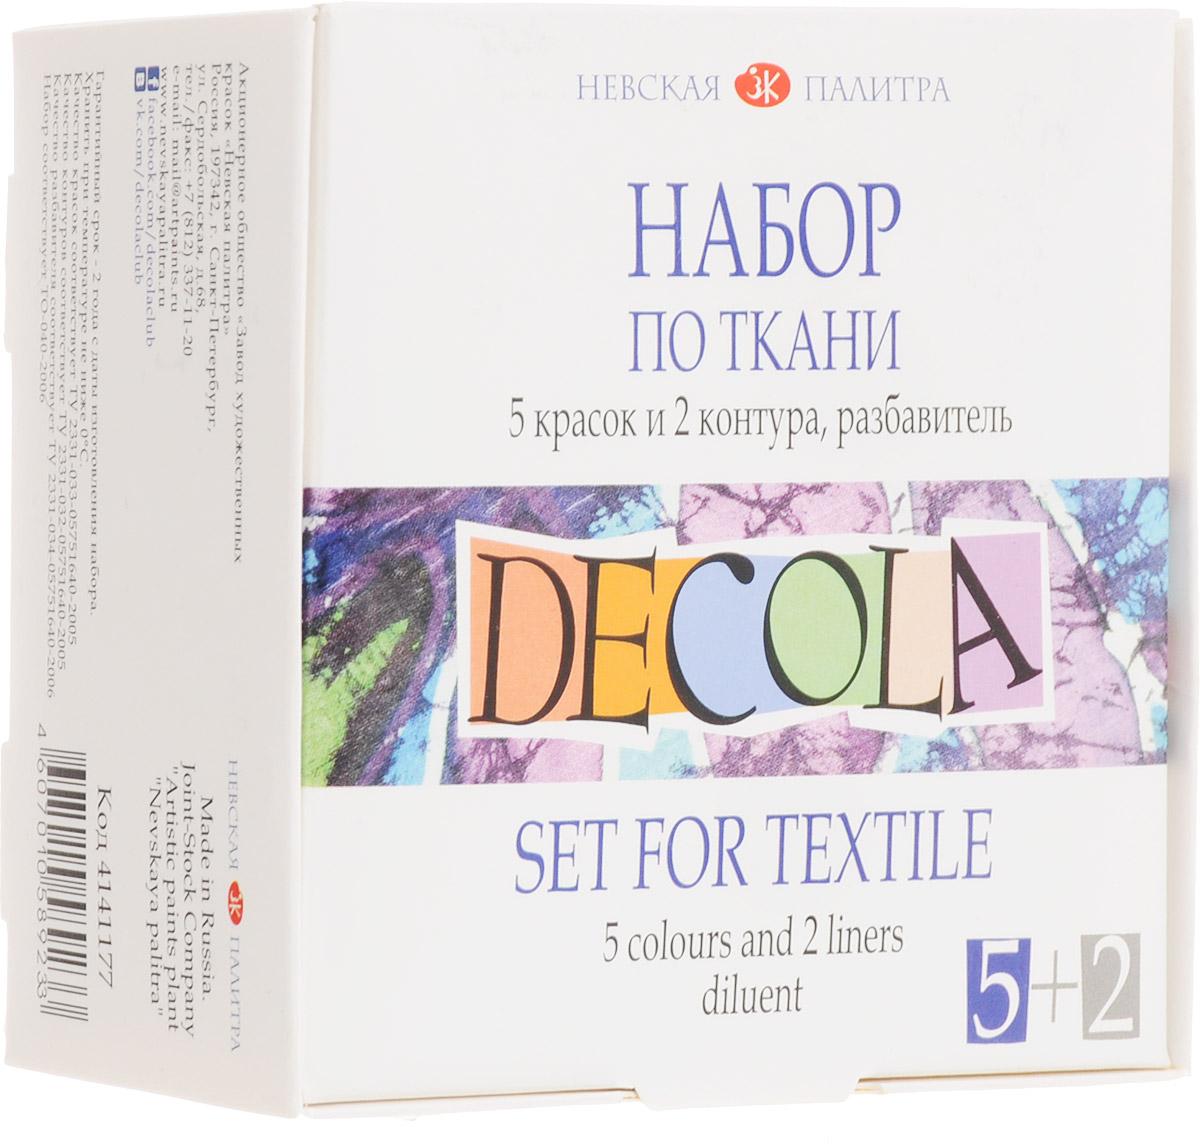 Невская палитра Набор красок по ткани Decola4141177Набор красок по ткани Невская палитра Decola предназначен для художественного оформления всех типов ткани. Применяются как для свободной росписи, так и для оформления ткани методом резервирования с использованием контура по ткани. Краски быстро сохнут, закрепляются утюгом, глубоко проникают в волокна ткани. Через 48 часов после проглаживания утюгом допускается машинная стирка. В набор входят 5 баночек с акриловой краской по 20 мл., 2 тубы с контуром (золотистый и серебристый), баночка с разбавителем (20 мл).